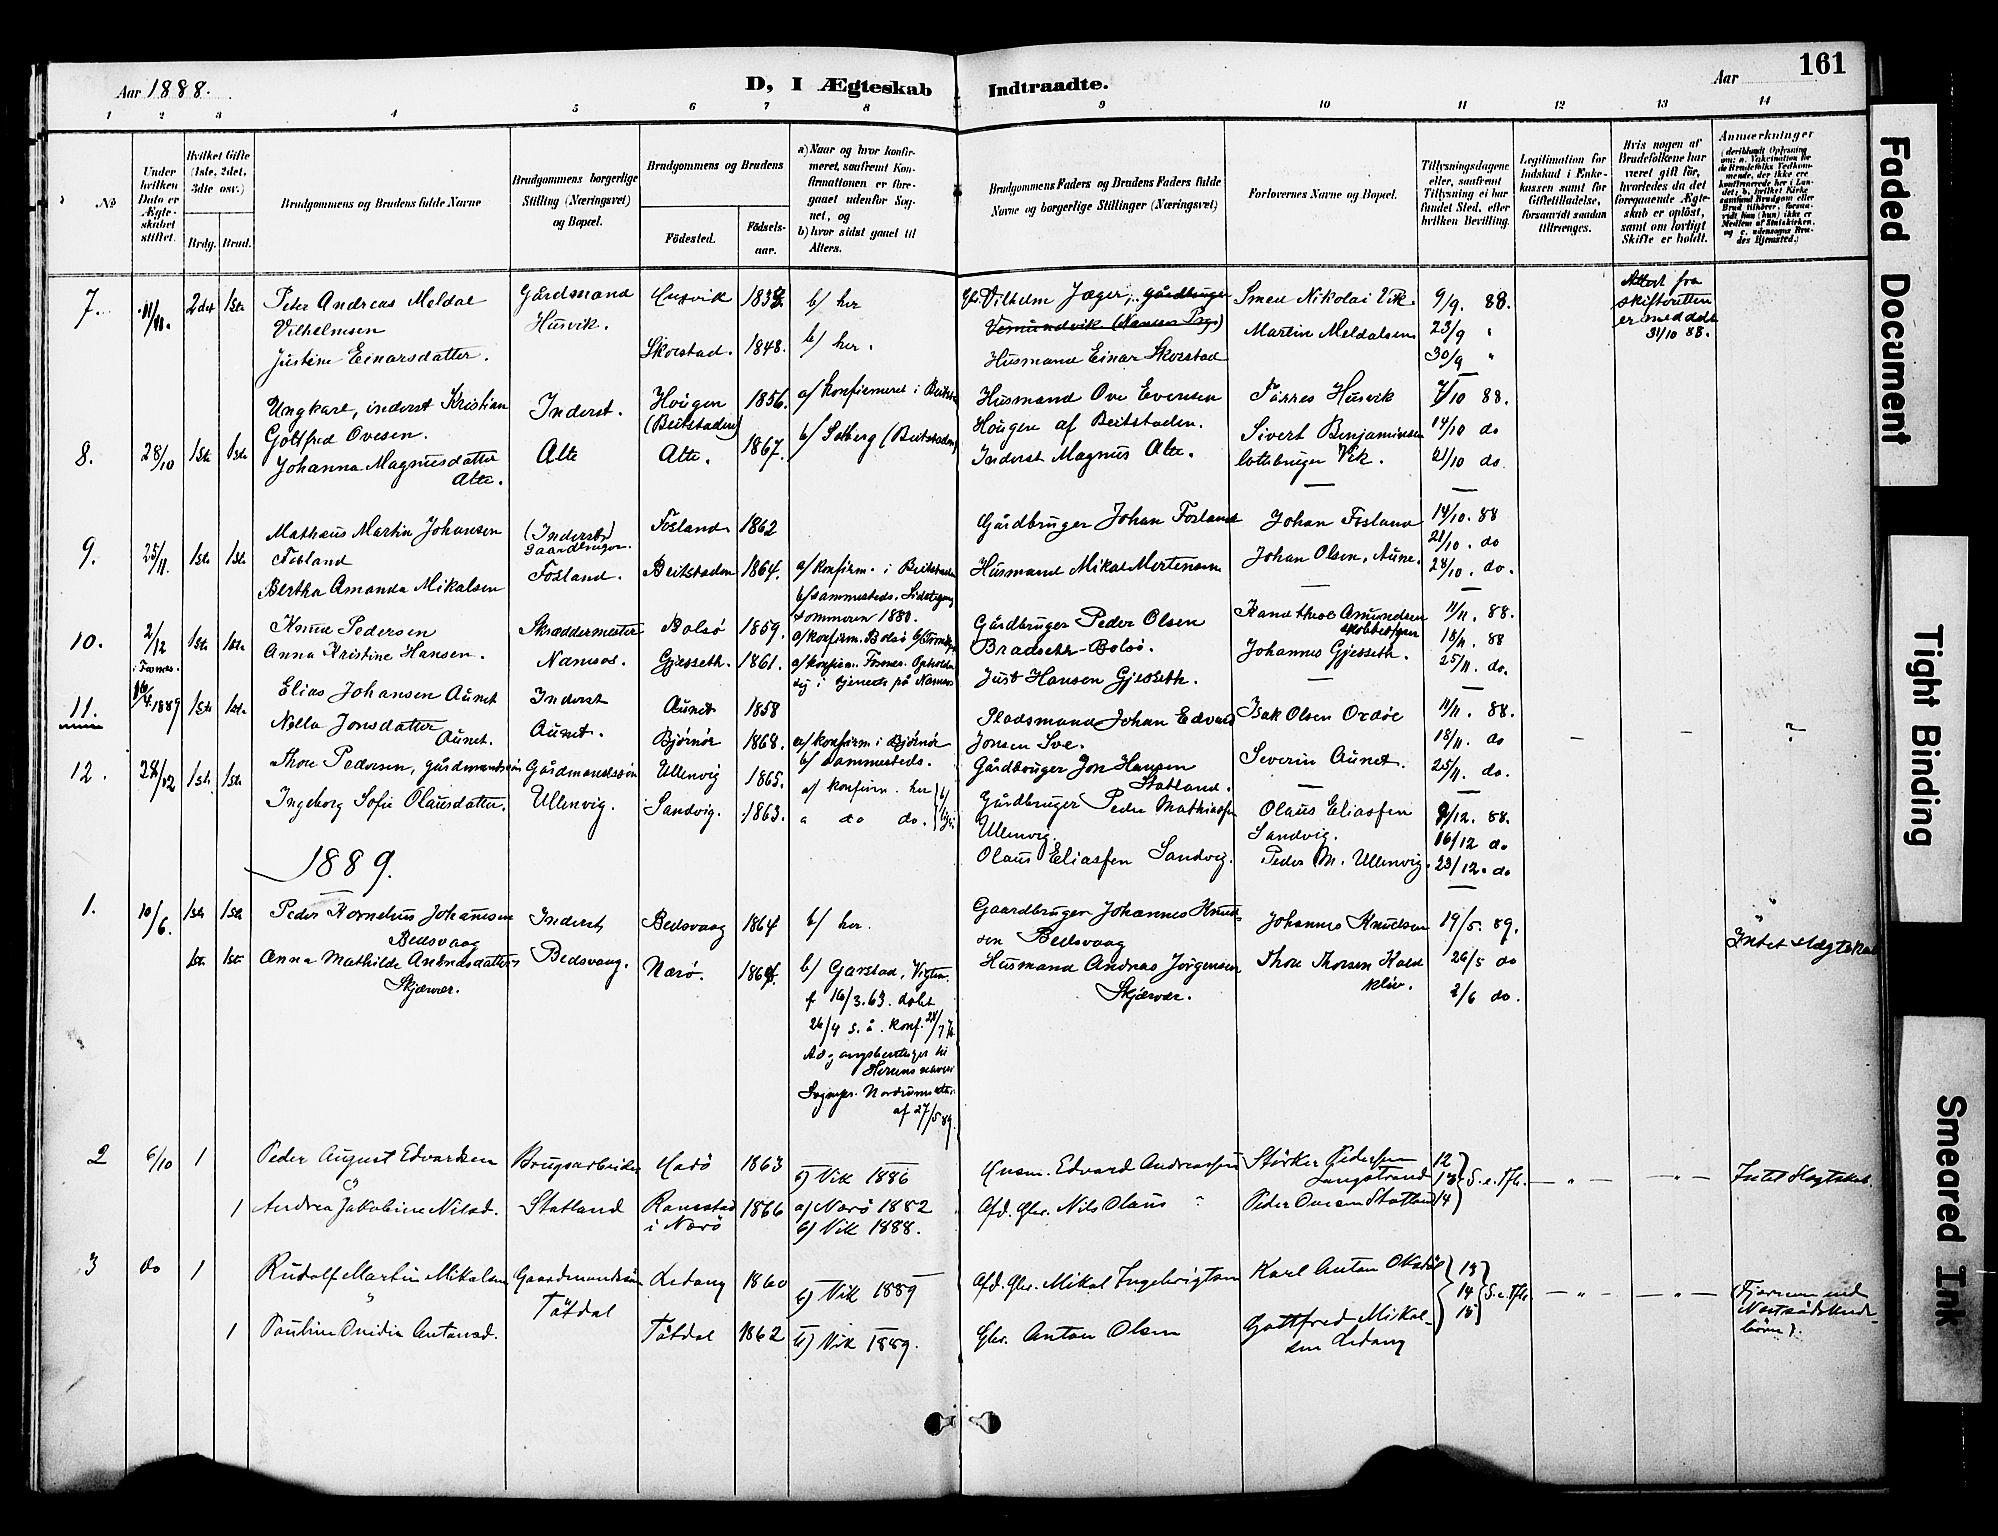 SAT, Ministerialprotokoller, klokkerbøker og fødselsregistre - Nord-Trøndelag, 774/L0628: Ministerialbok nr. 774A02, 1887-1903, s. 161